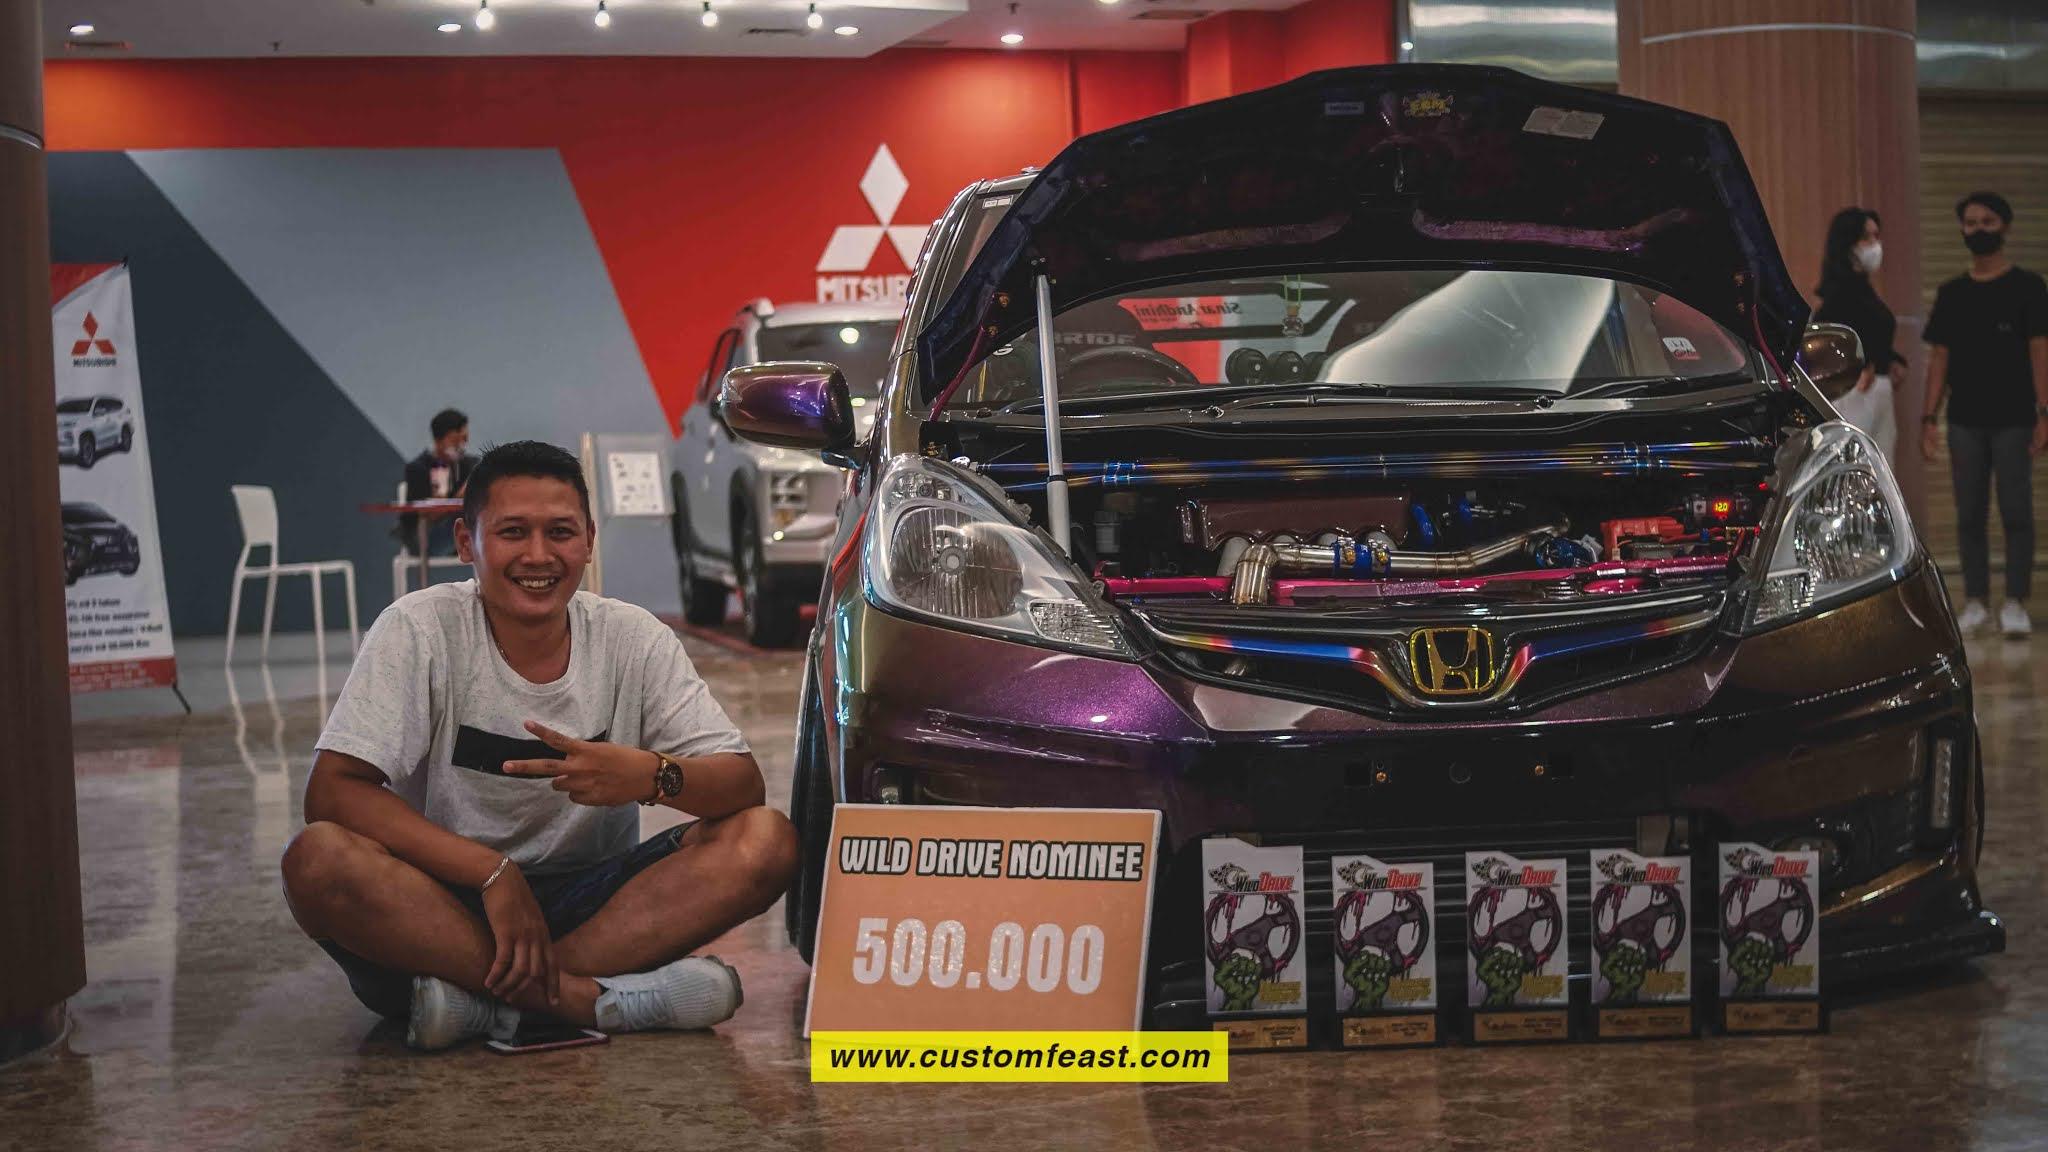 Best Street Racing Cars Winner